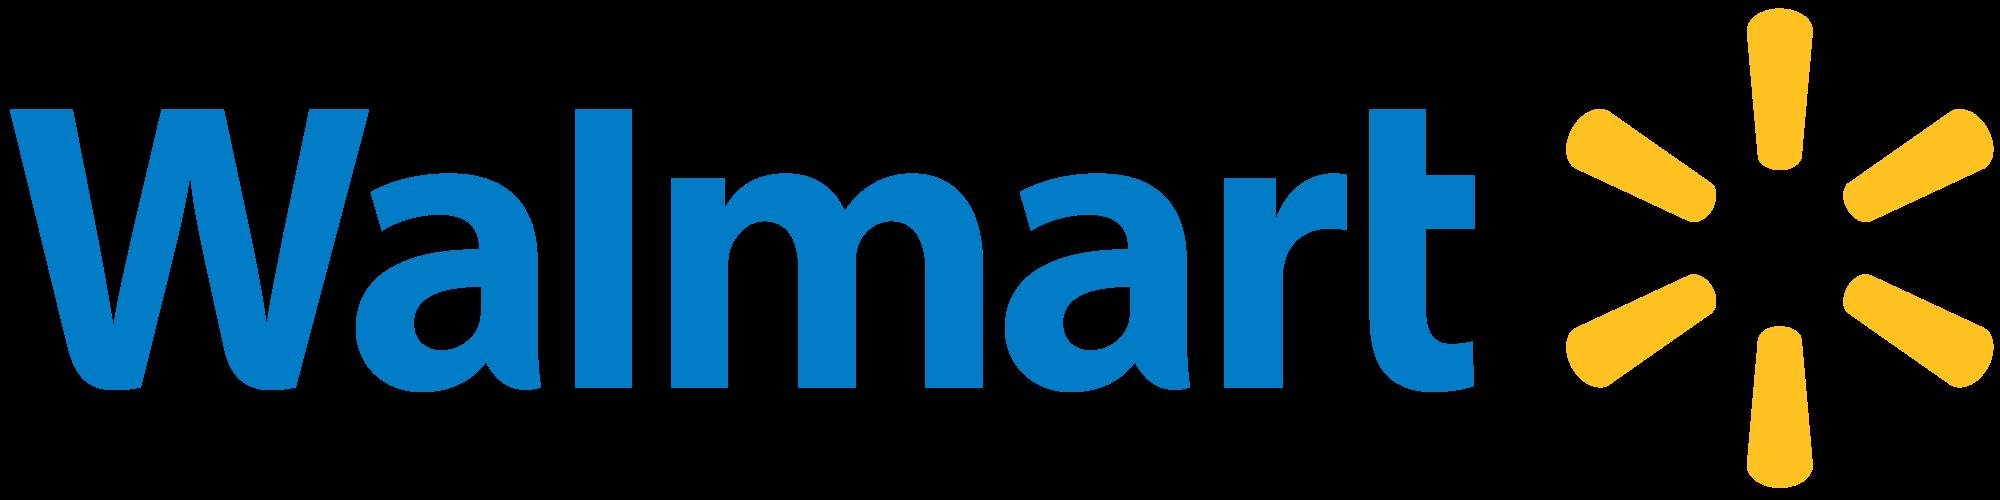 Walmart Voucher Codes